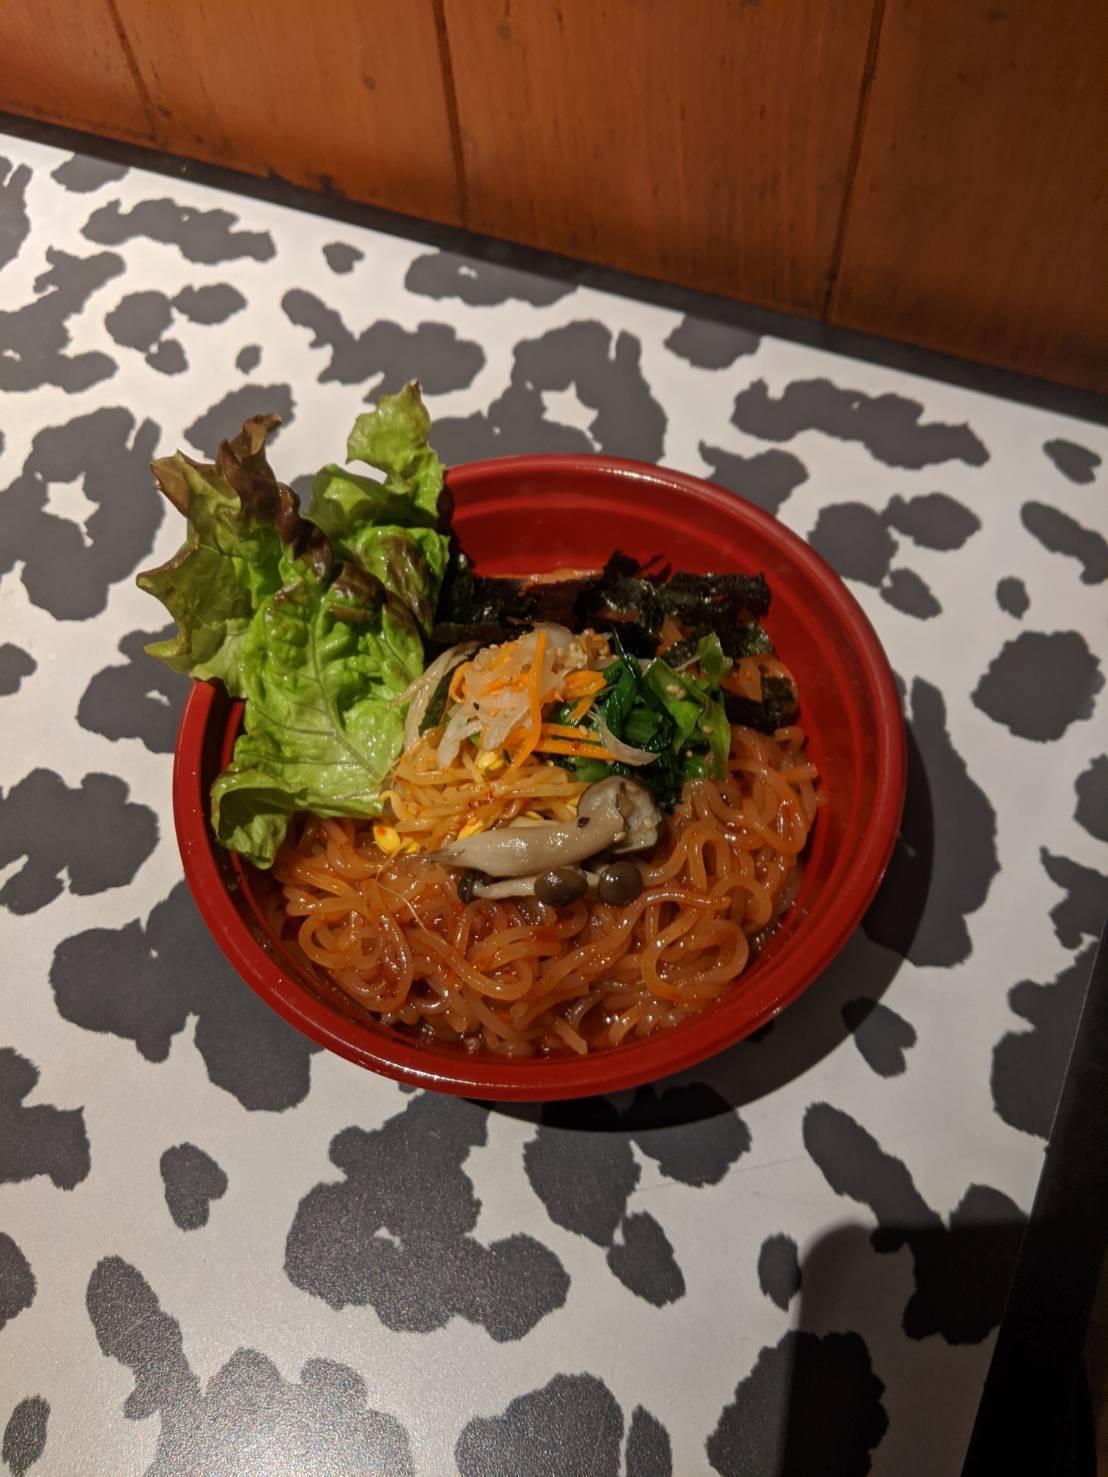 モチモチムチムチの麺に辛うまコチュジャンソースが絡みあった汁なし冷麺です!来店からの調理で少しだけお時間頂きます!